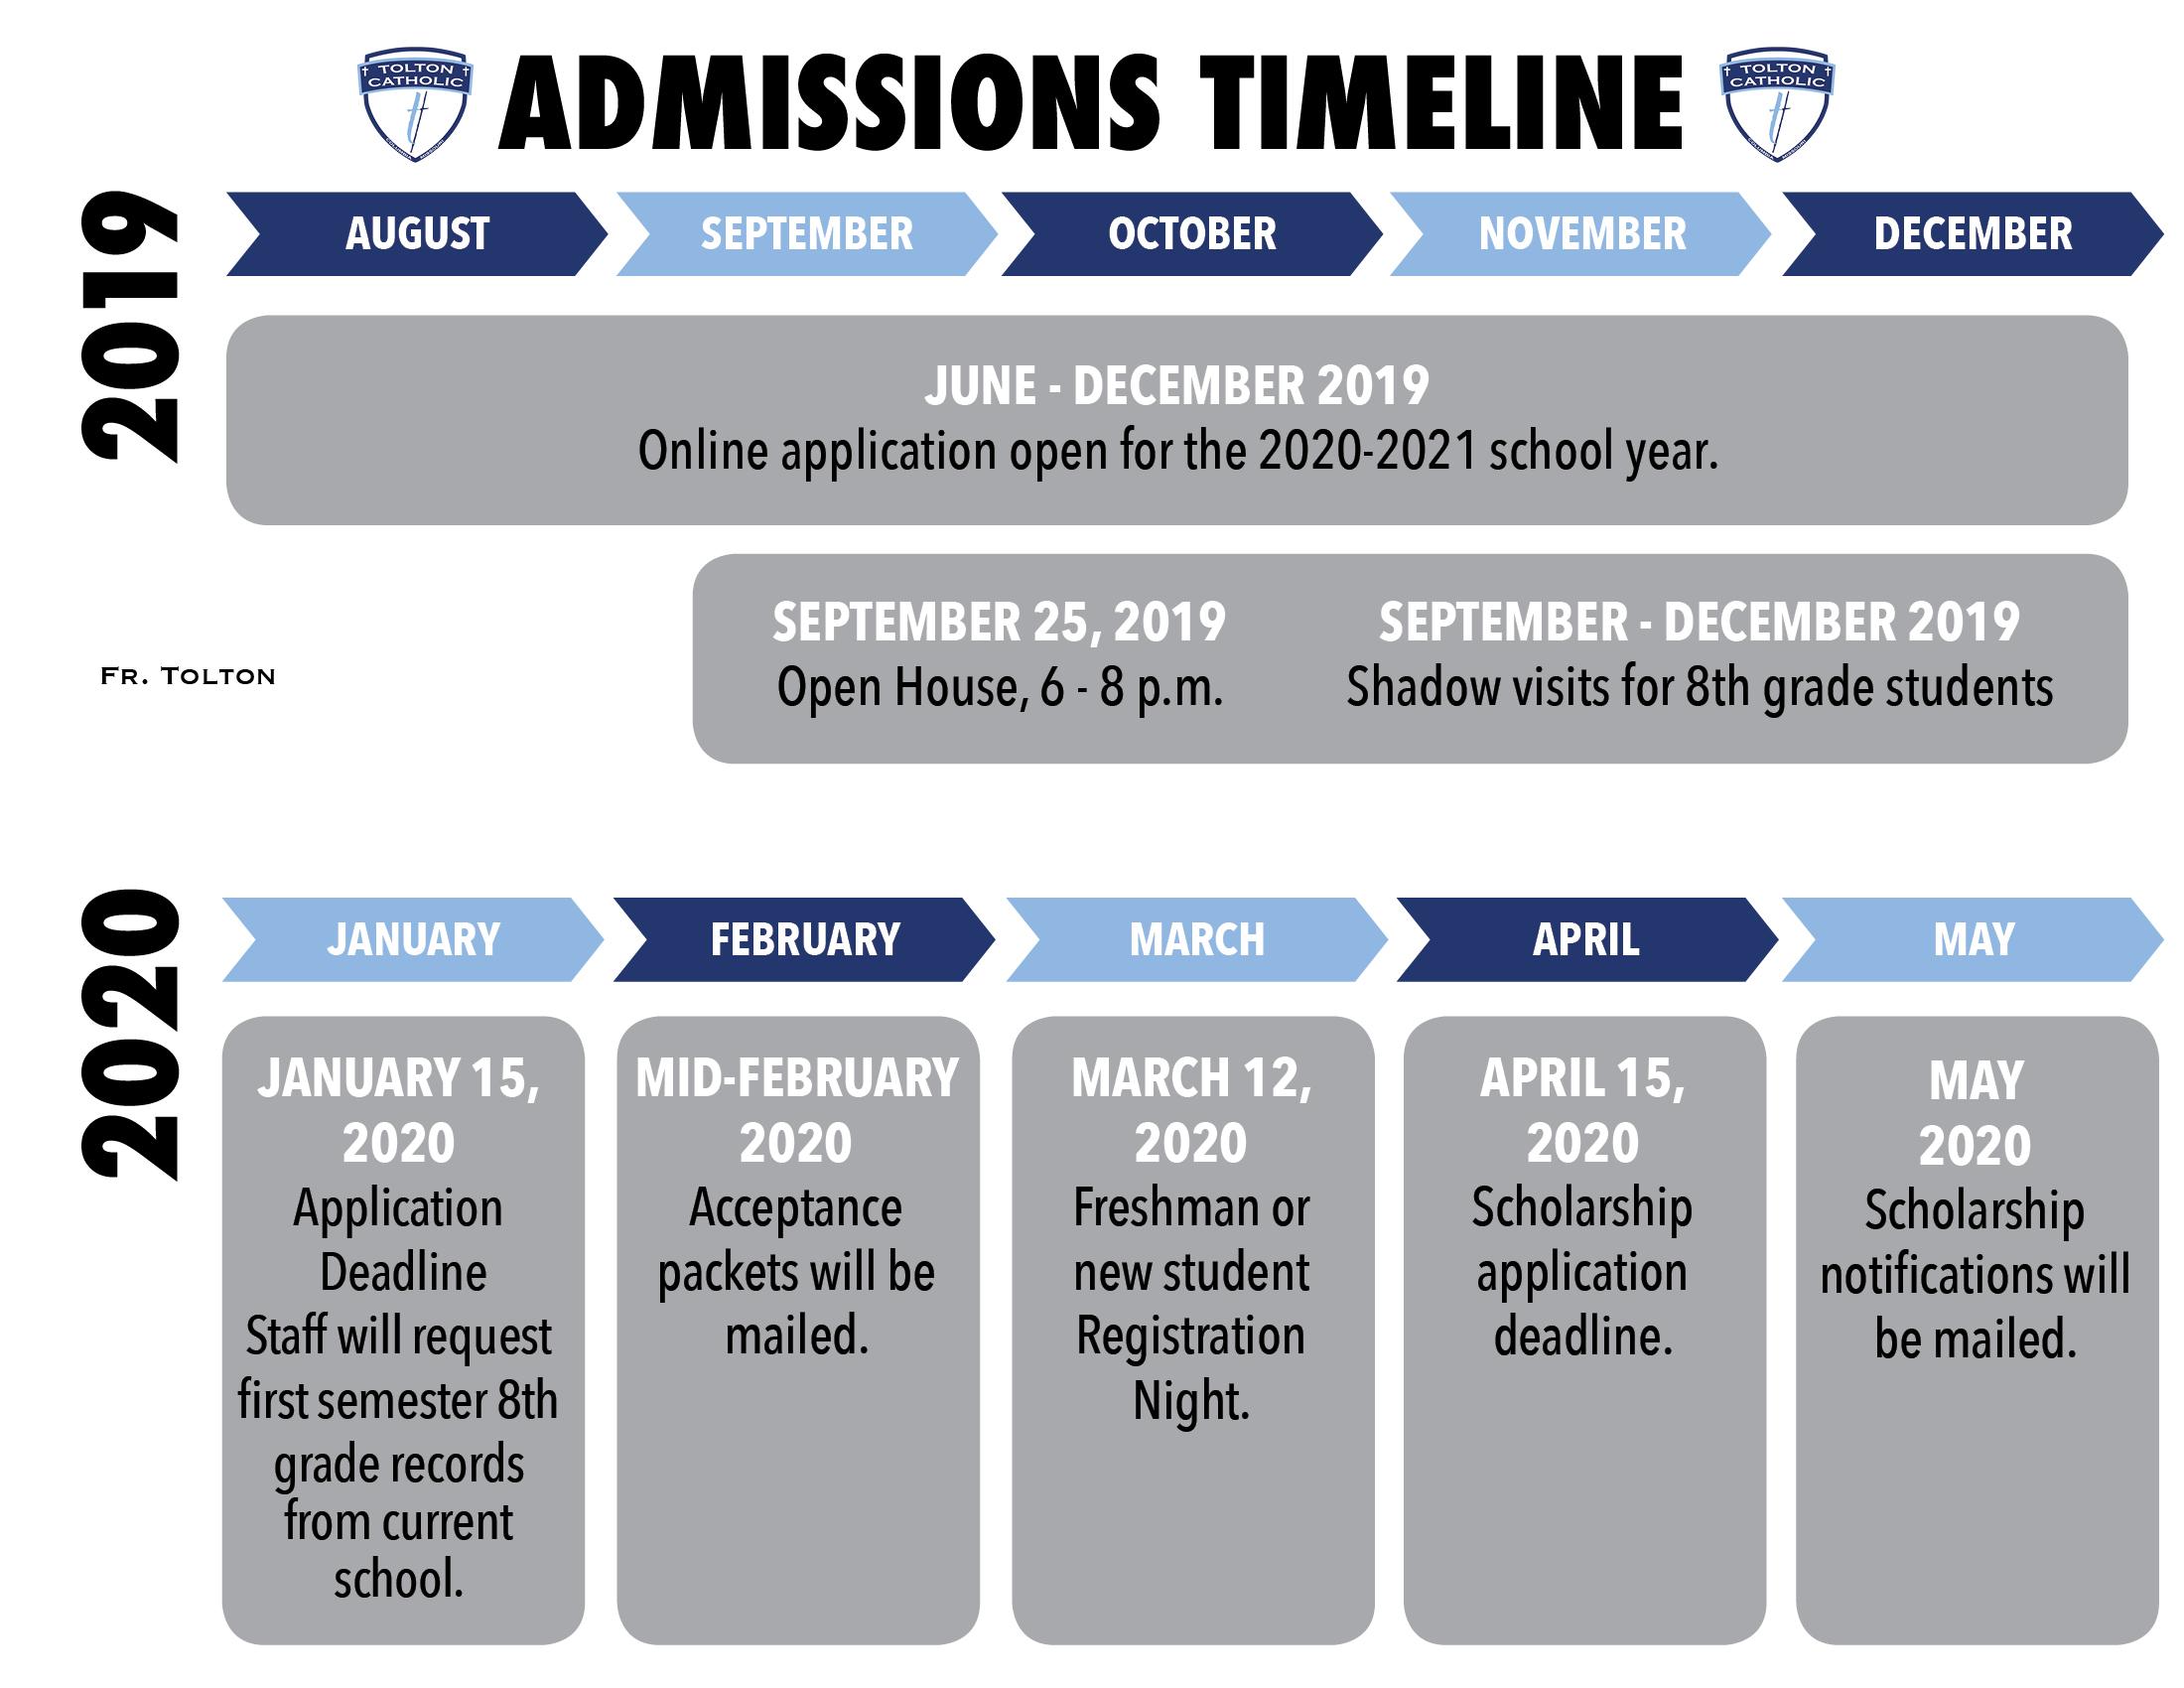 AdmissionTimeline2019-20